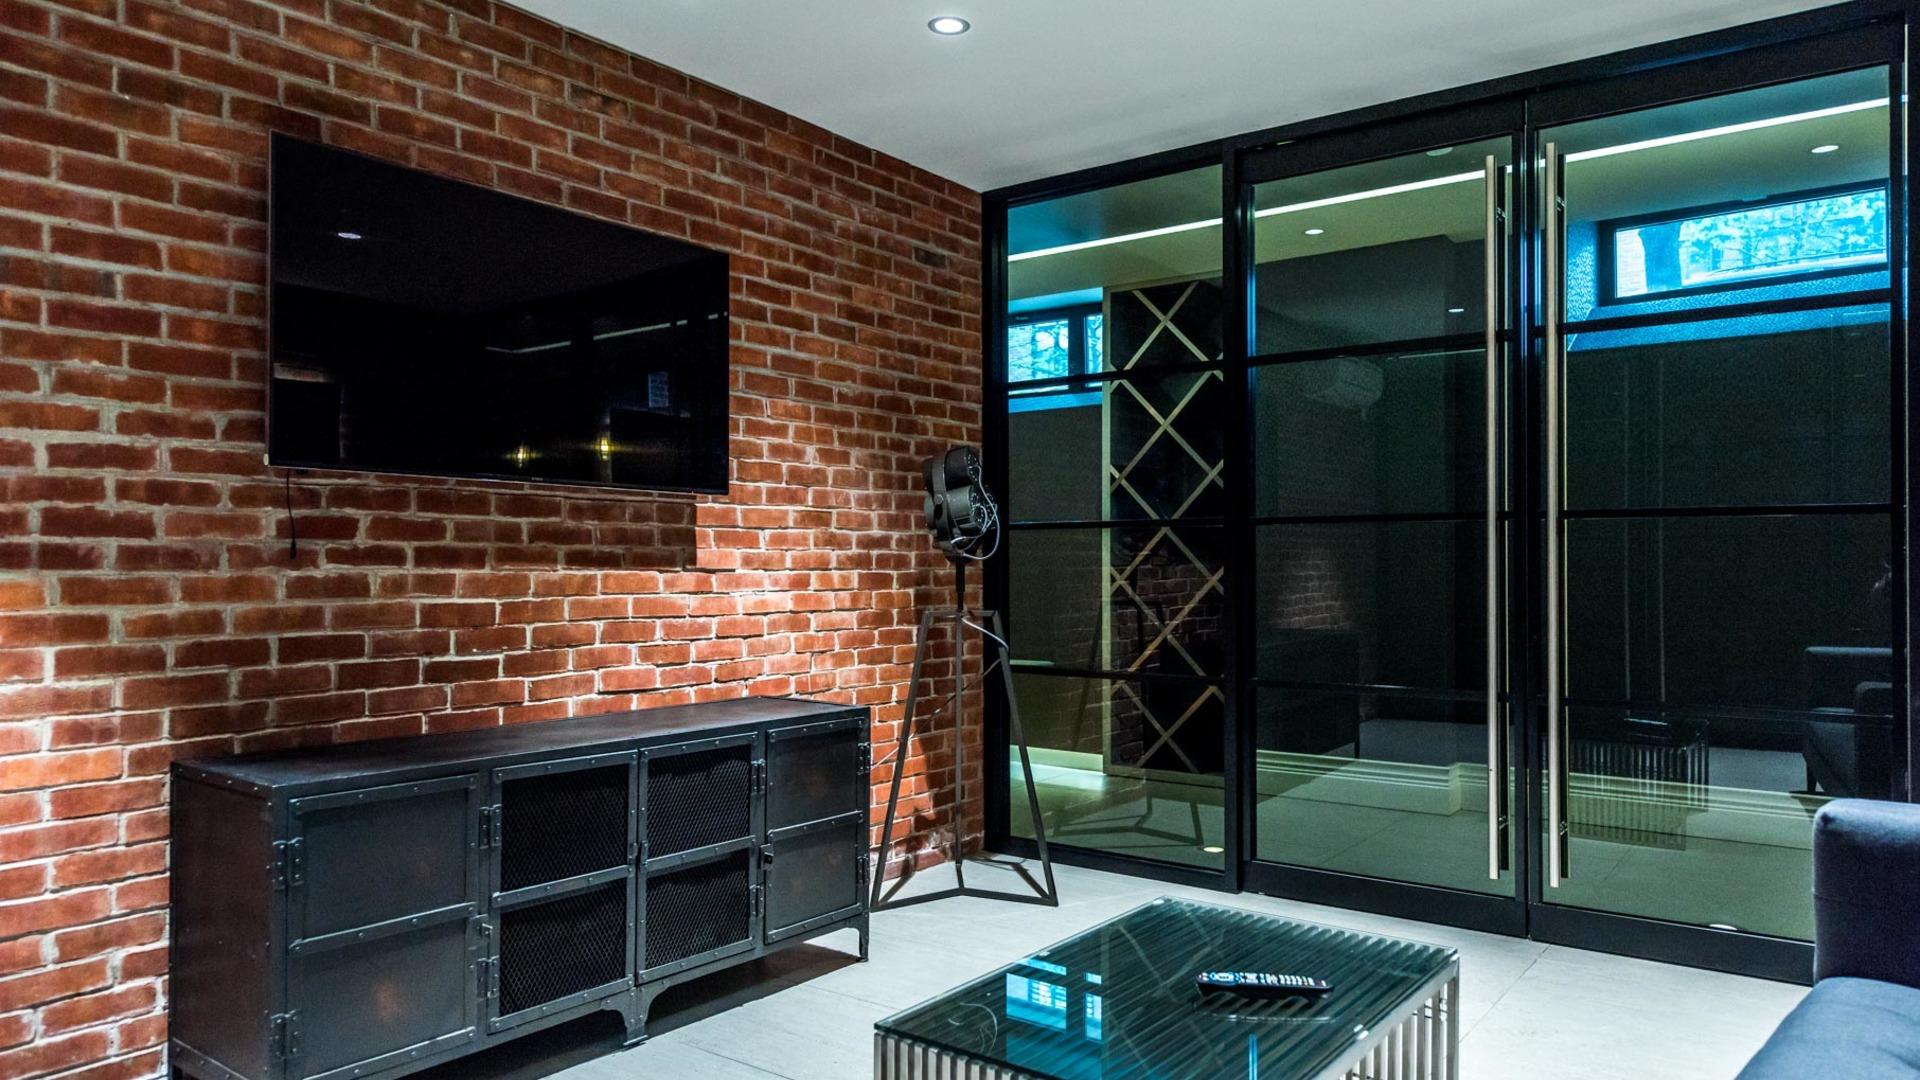 017 033 185 leonard street tv room 3